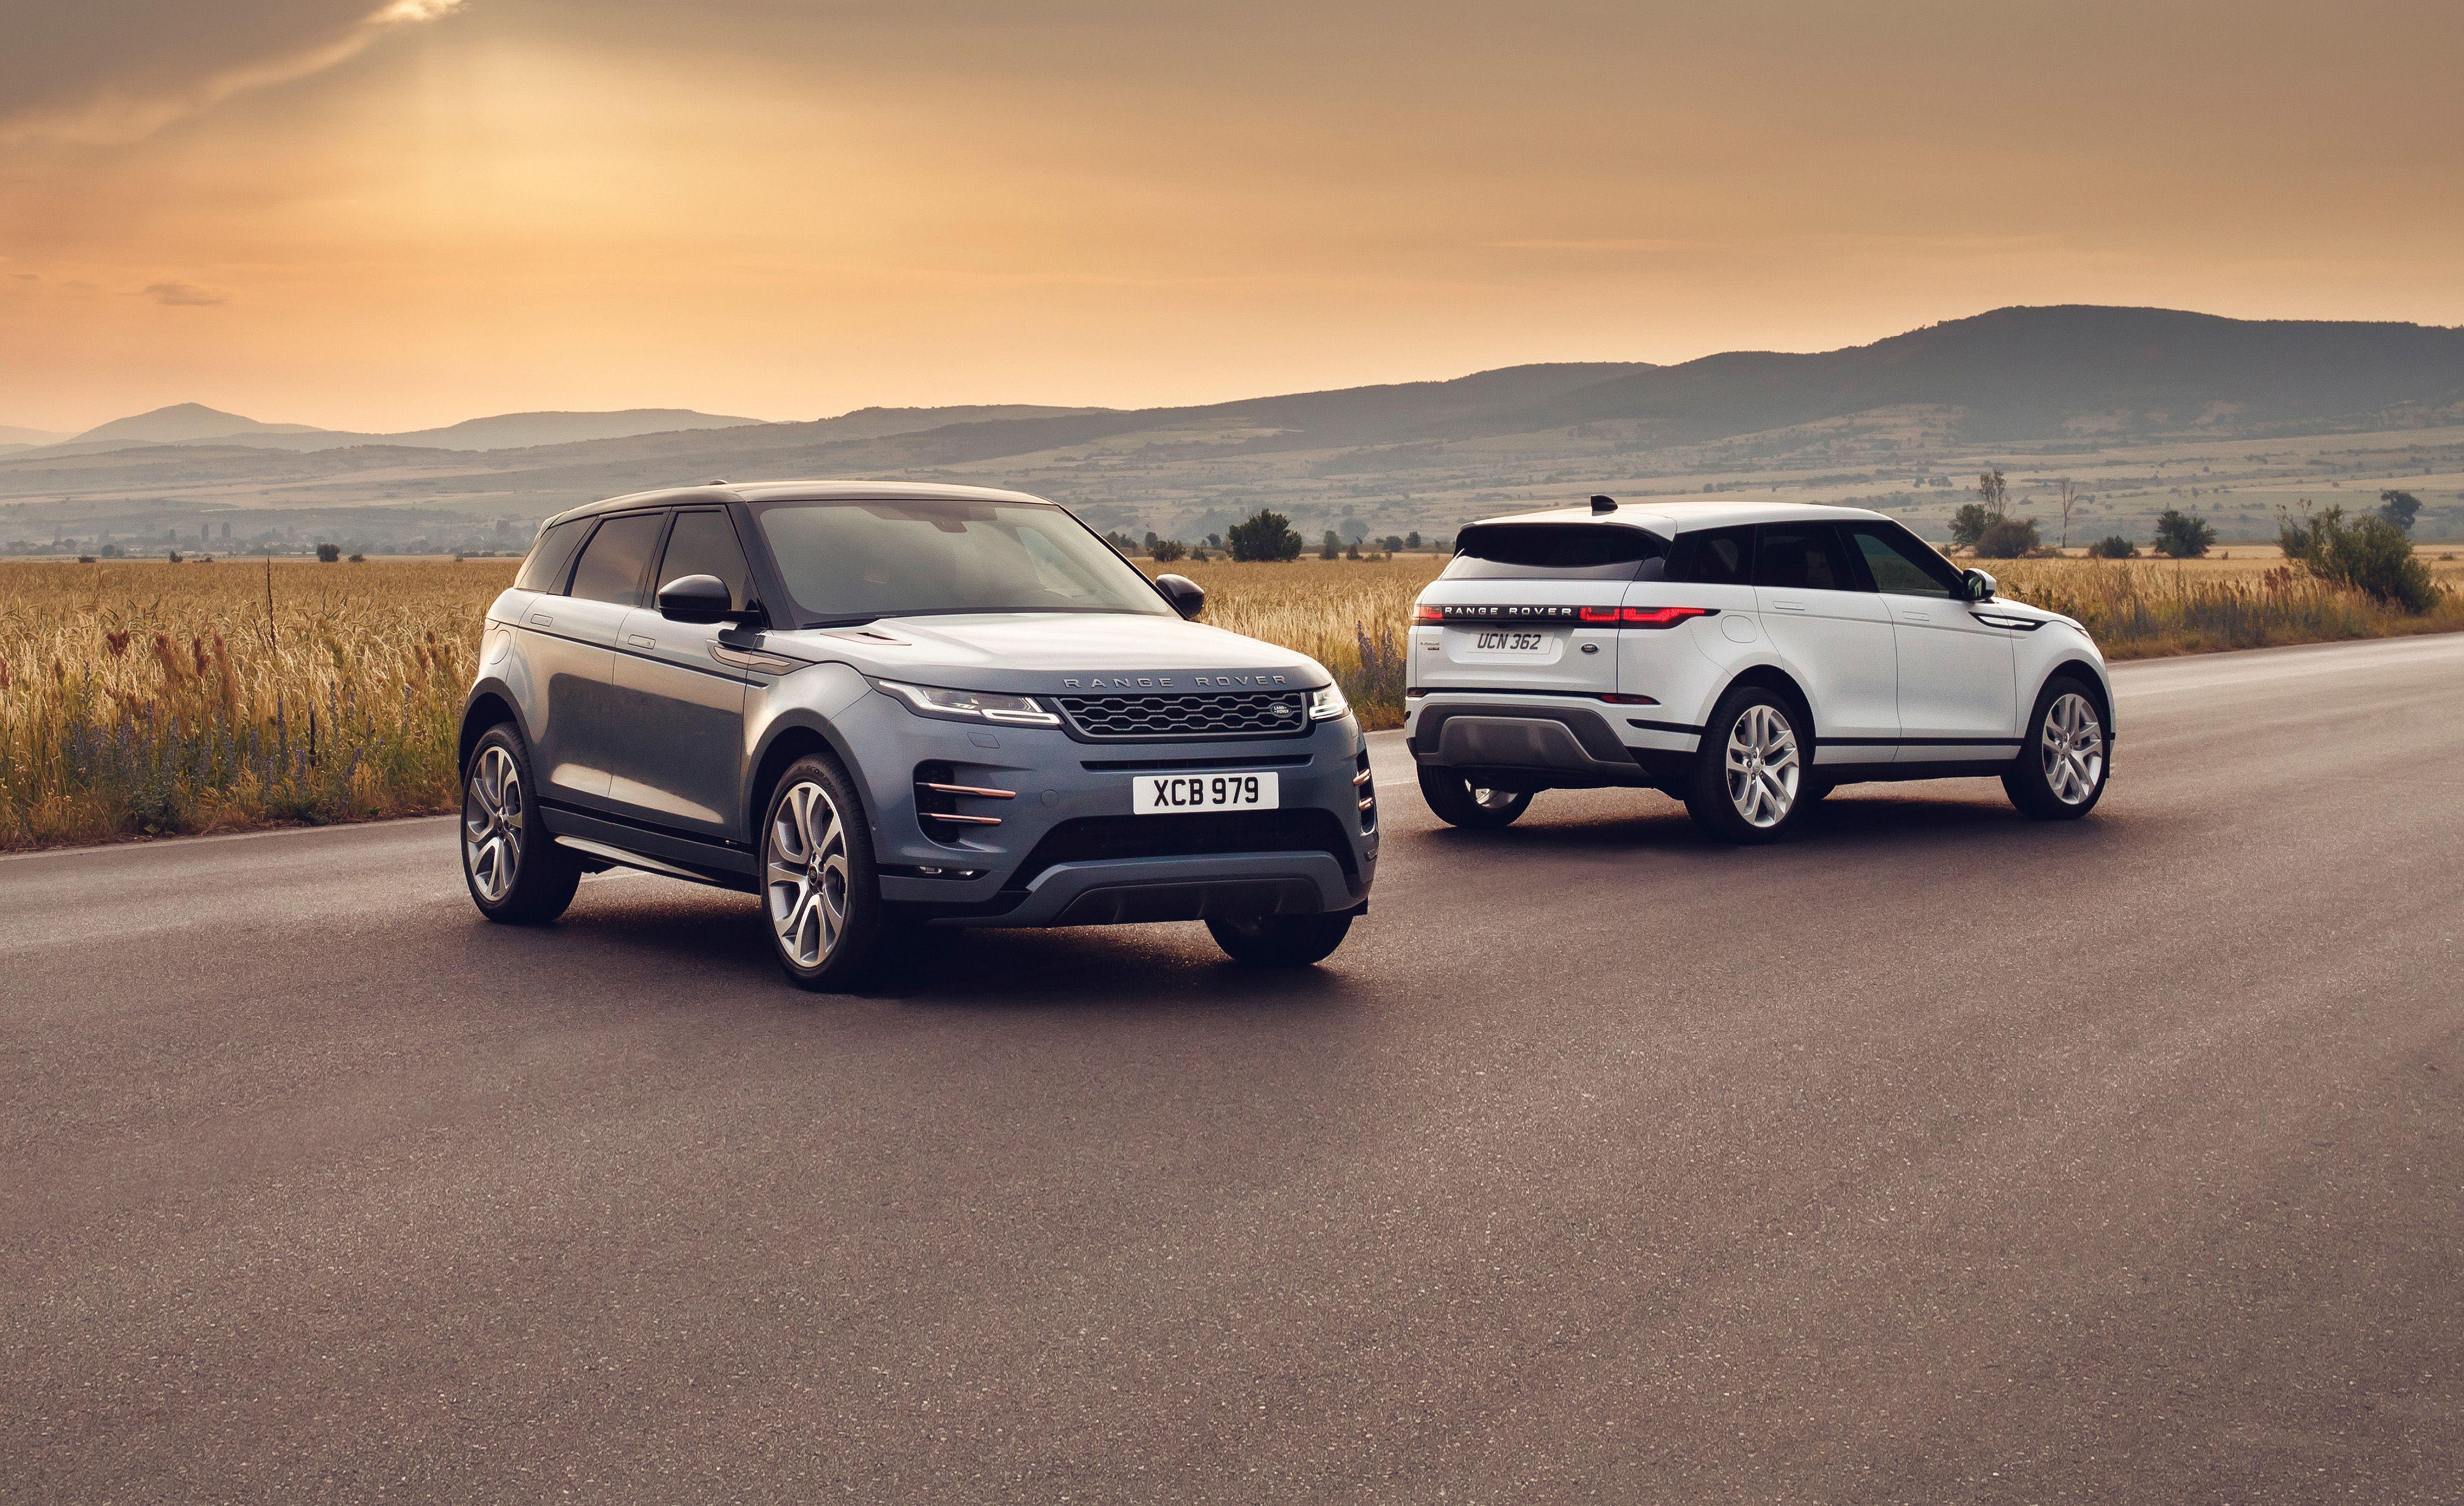 2020 Land Rover Range Rover Evoque Reviews Land Rover Range Rover